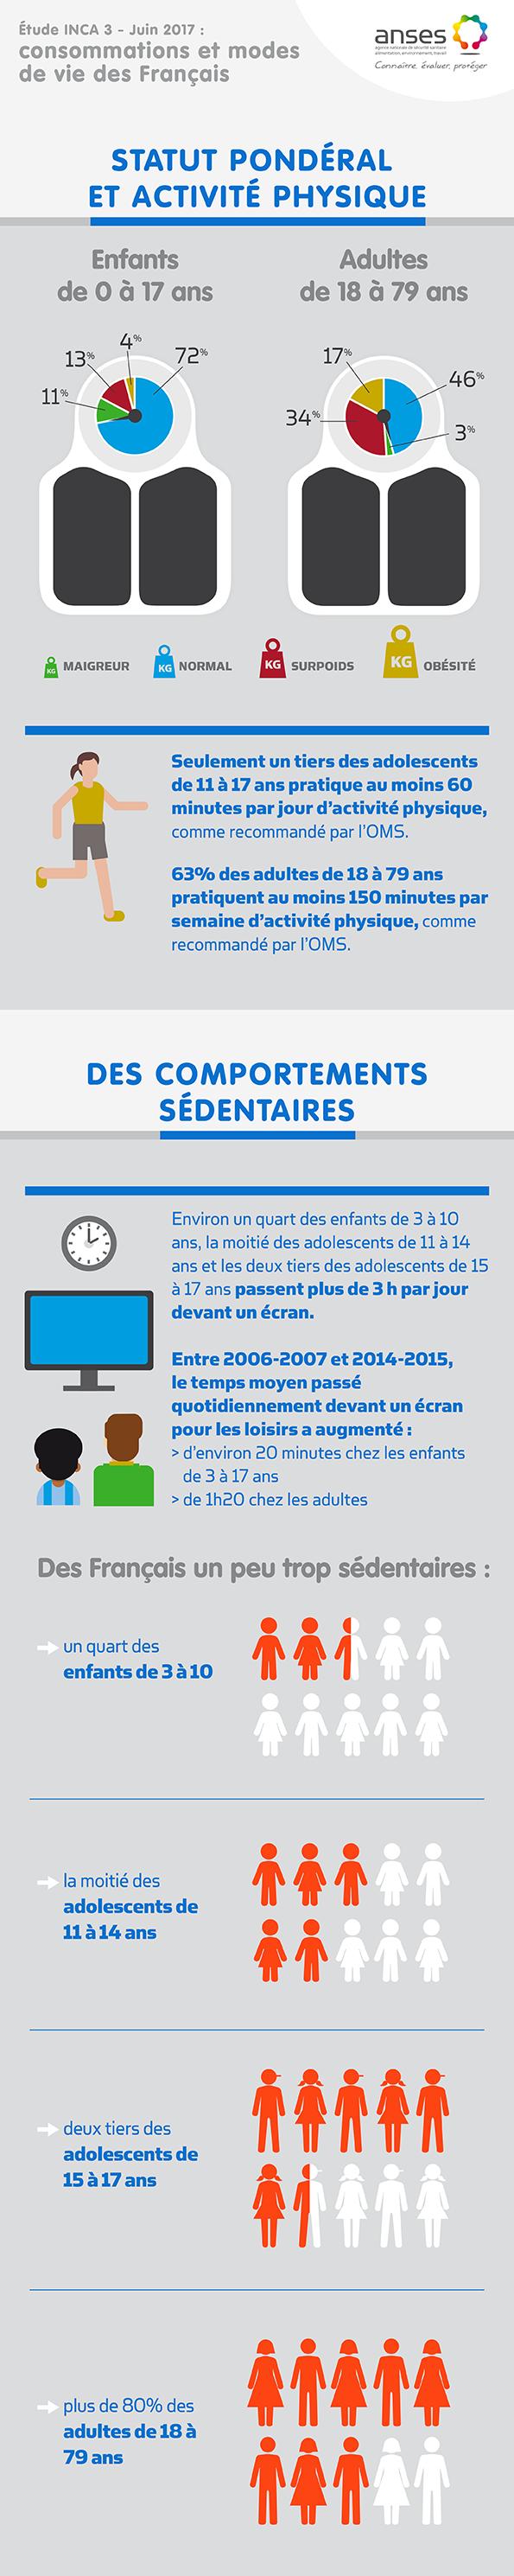 INCA 3 étude sur l'activité physique et la sédentarité des français